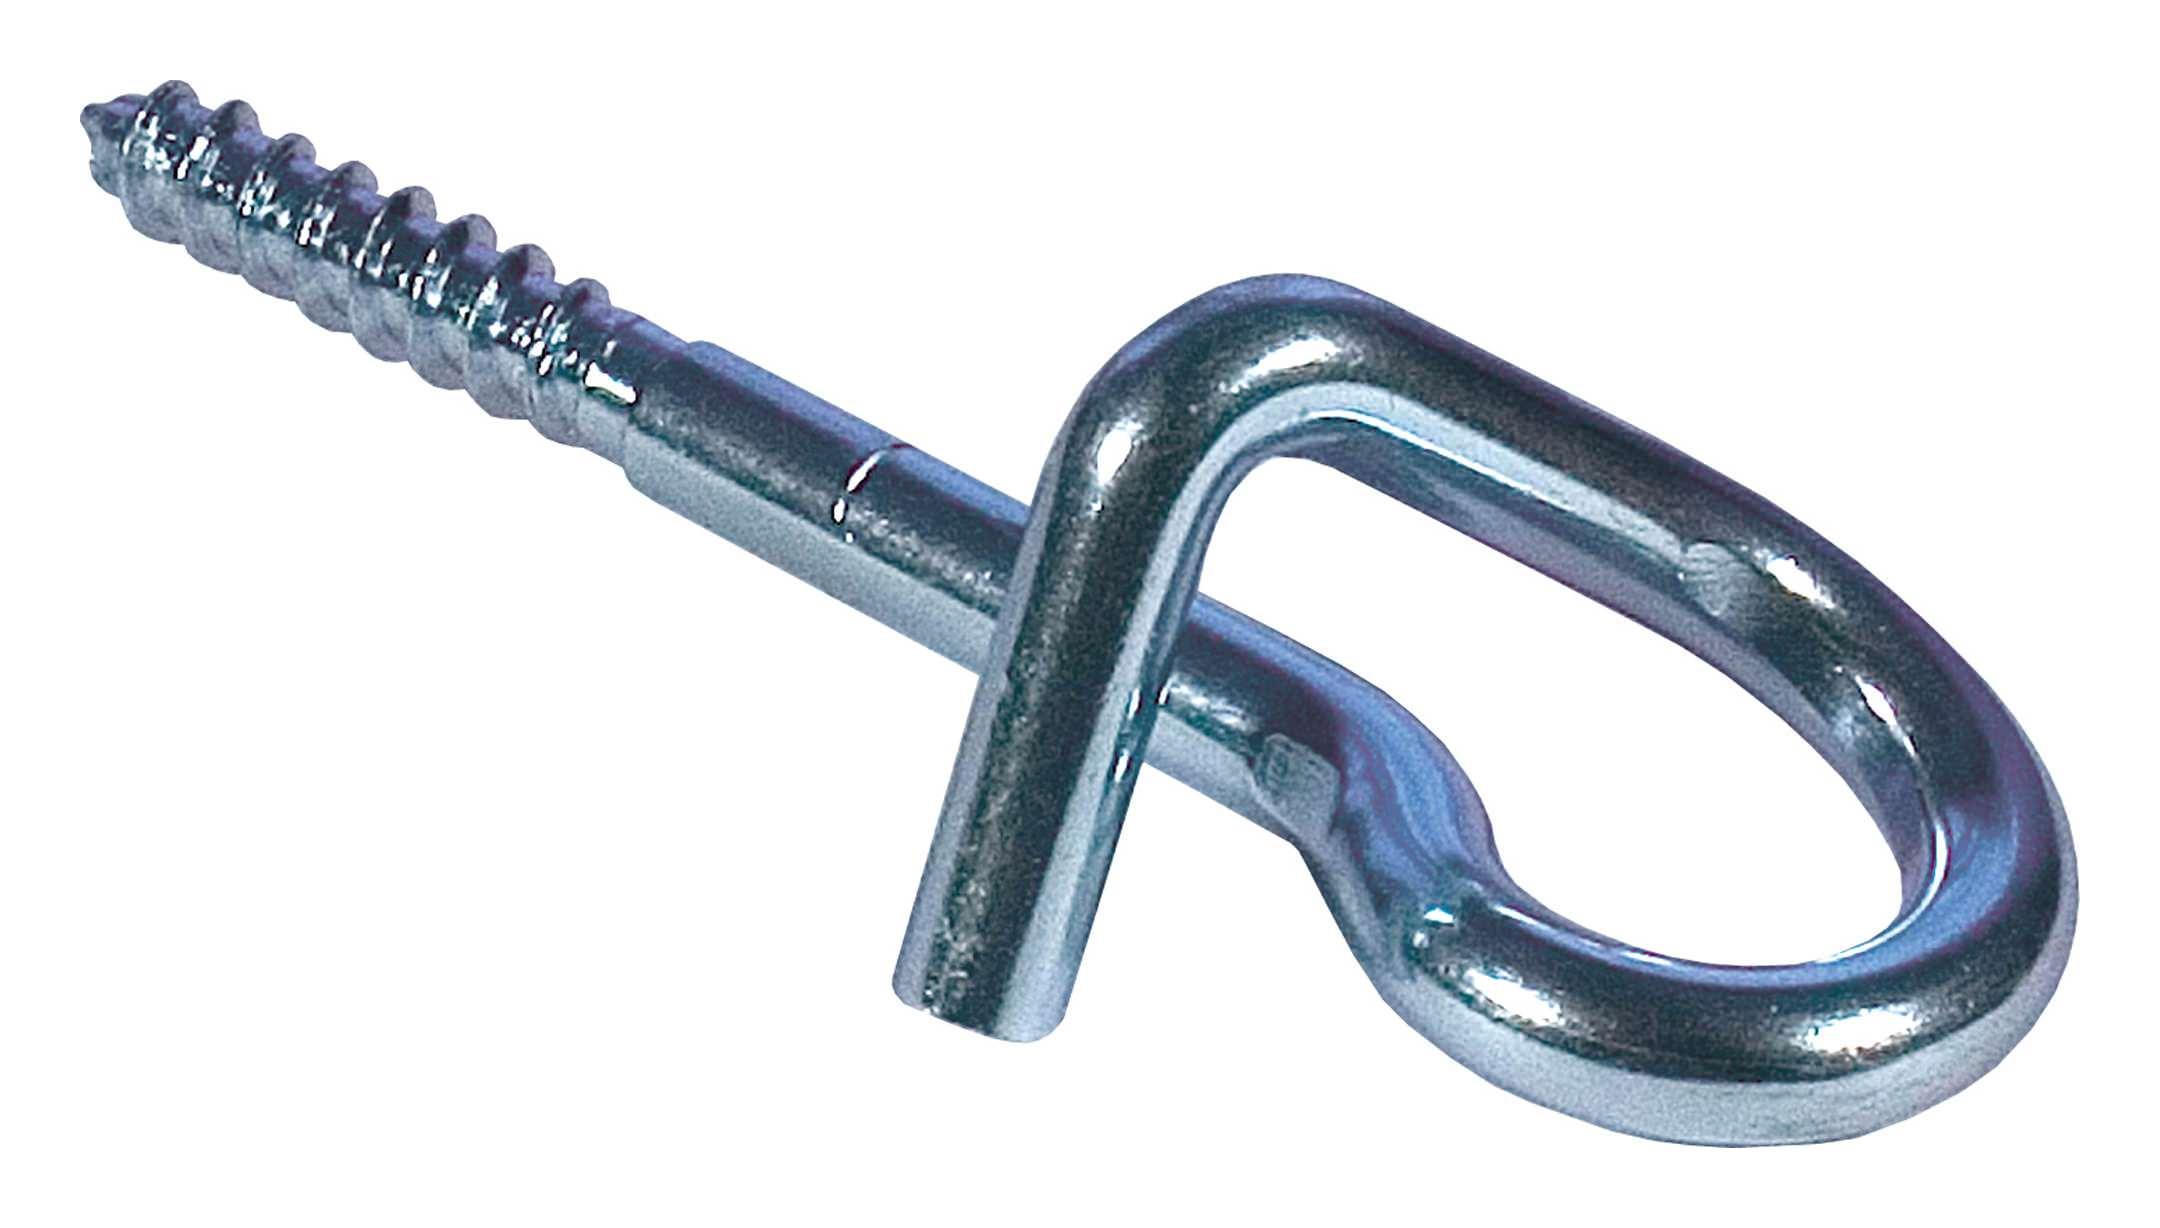 Sicherheits-Schaukelhaken Typ 0 M12 x 60 mm mit Karabiner